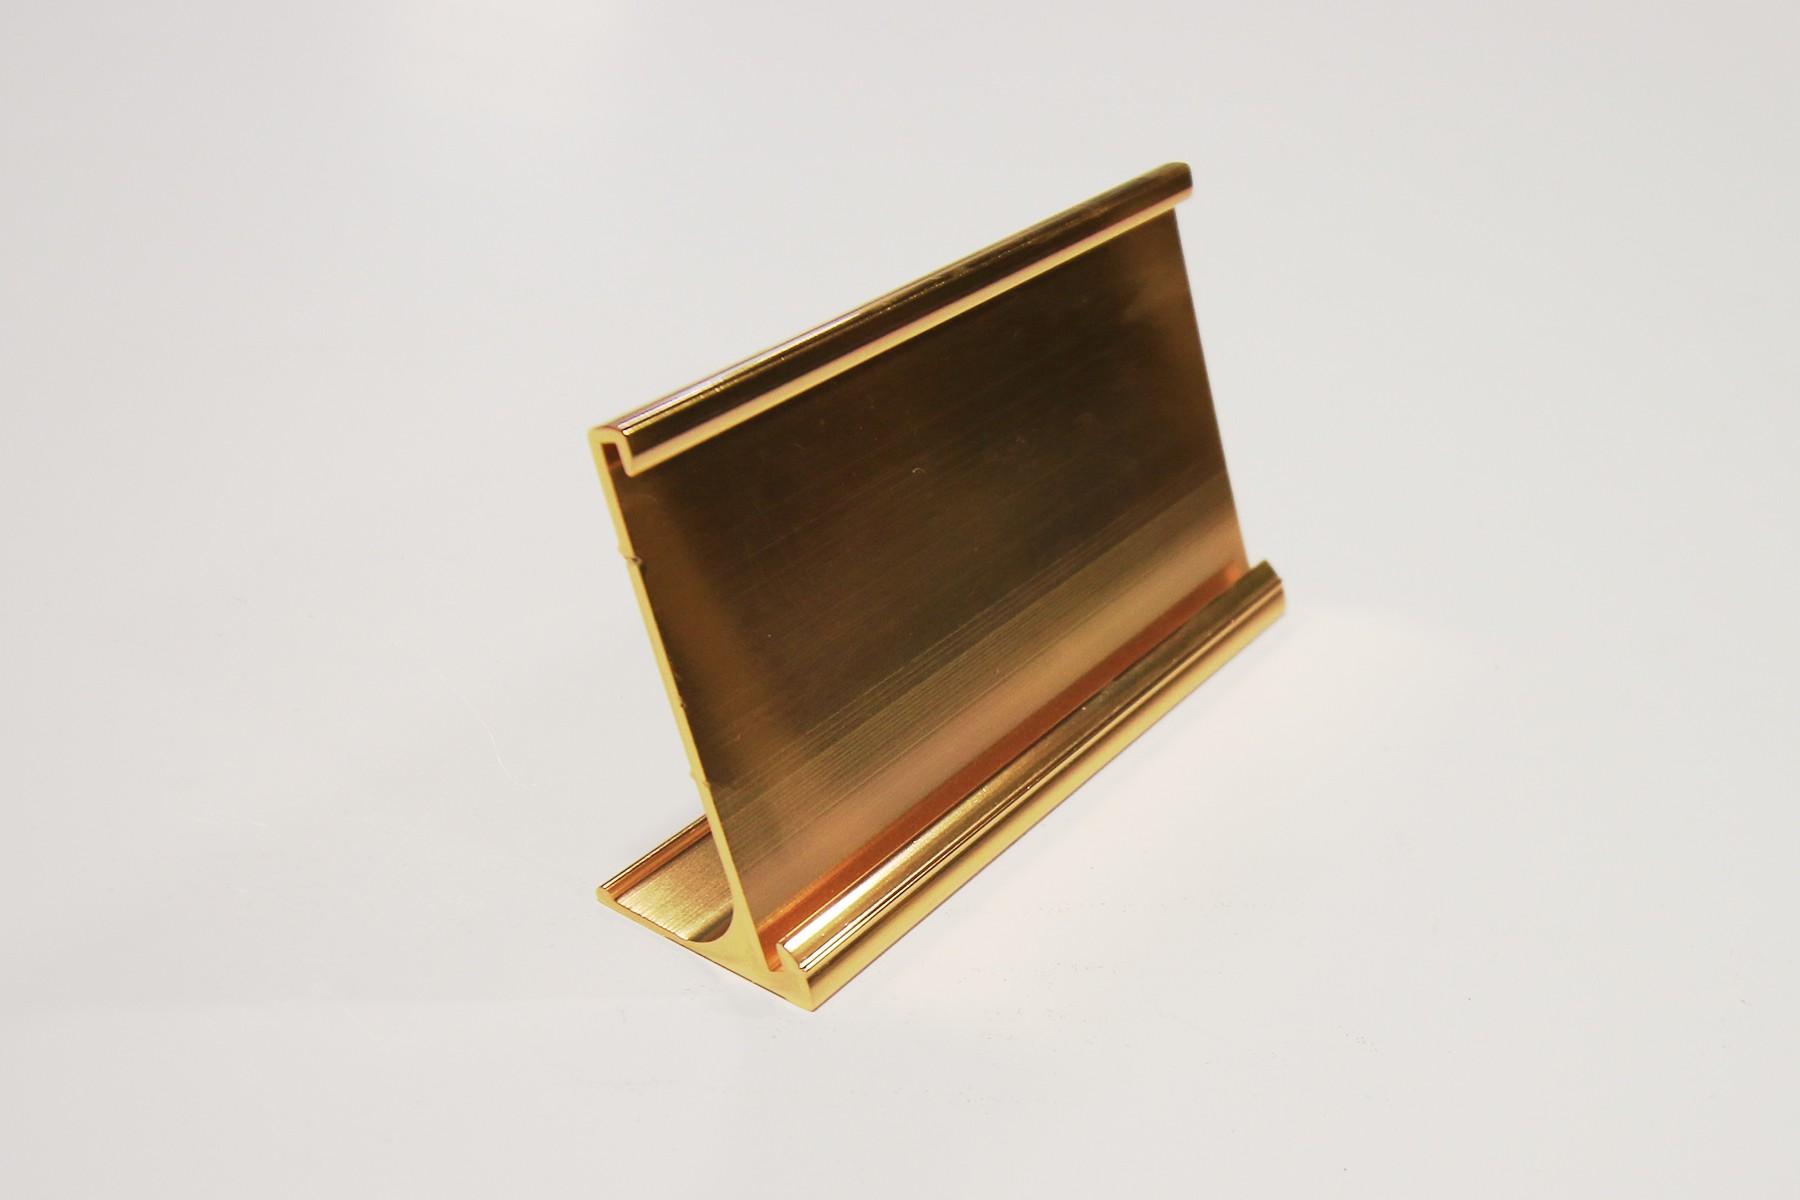 2 x 12 Desk Holder, Gold